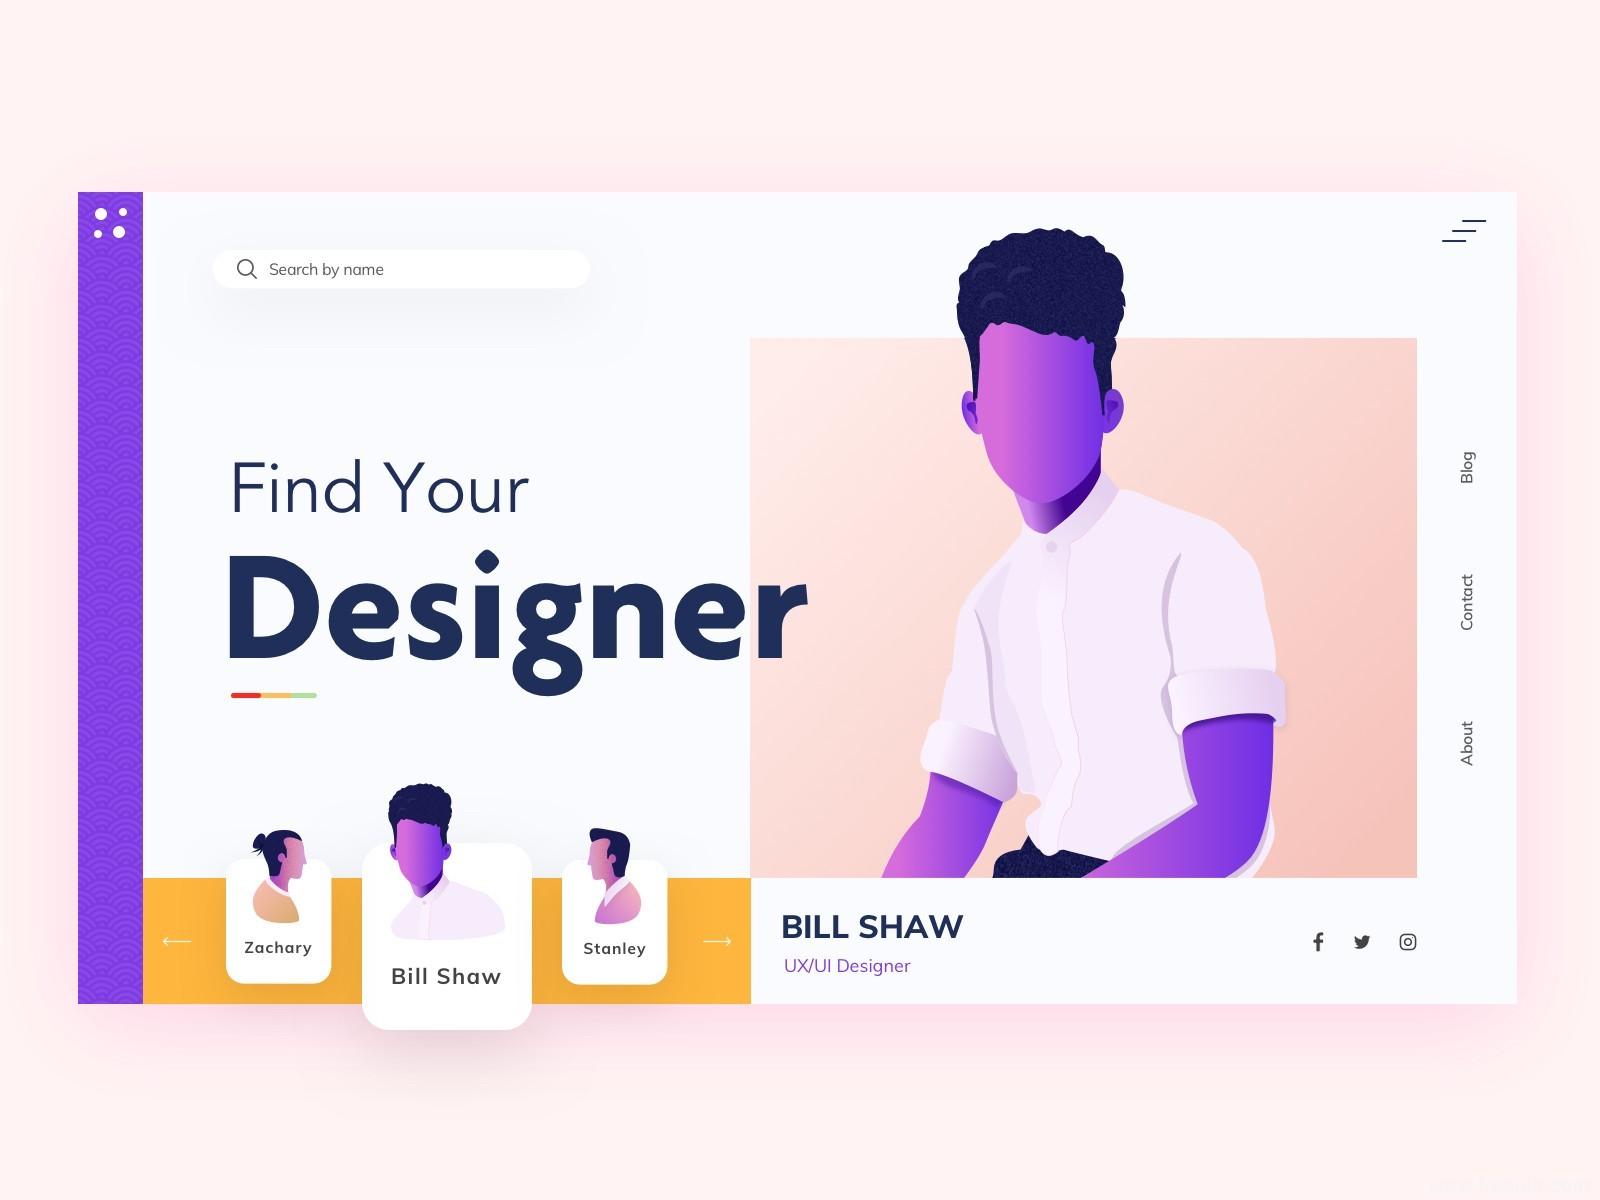 插画风UI界面sketch源文件免费下载